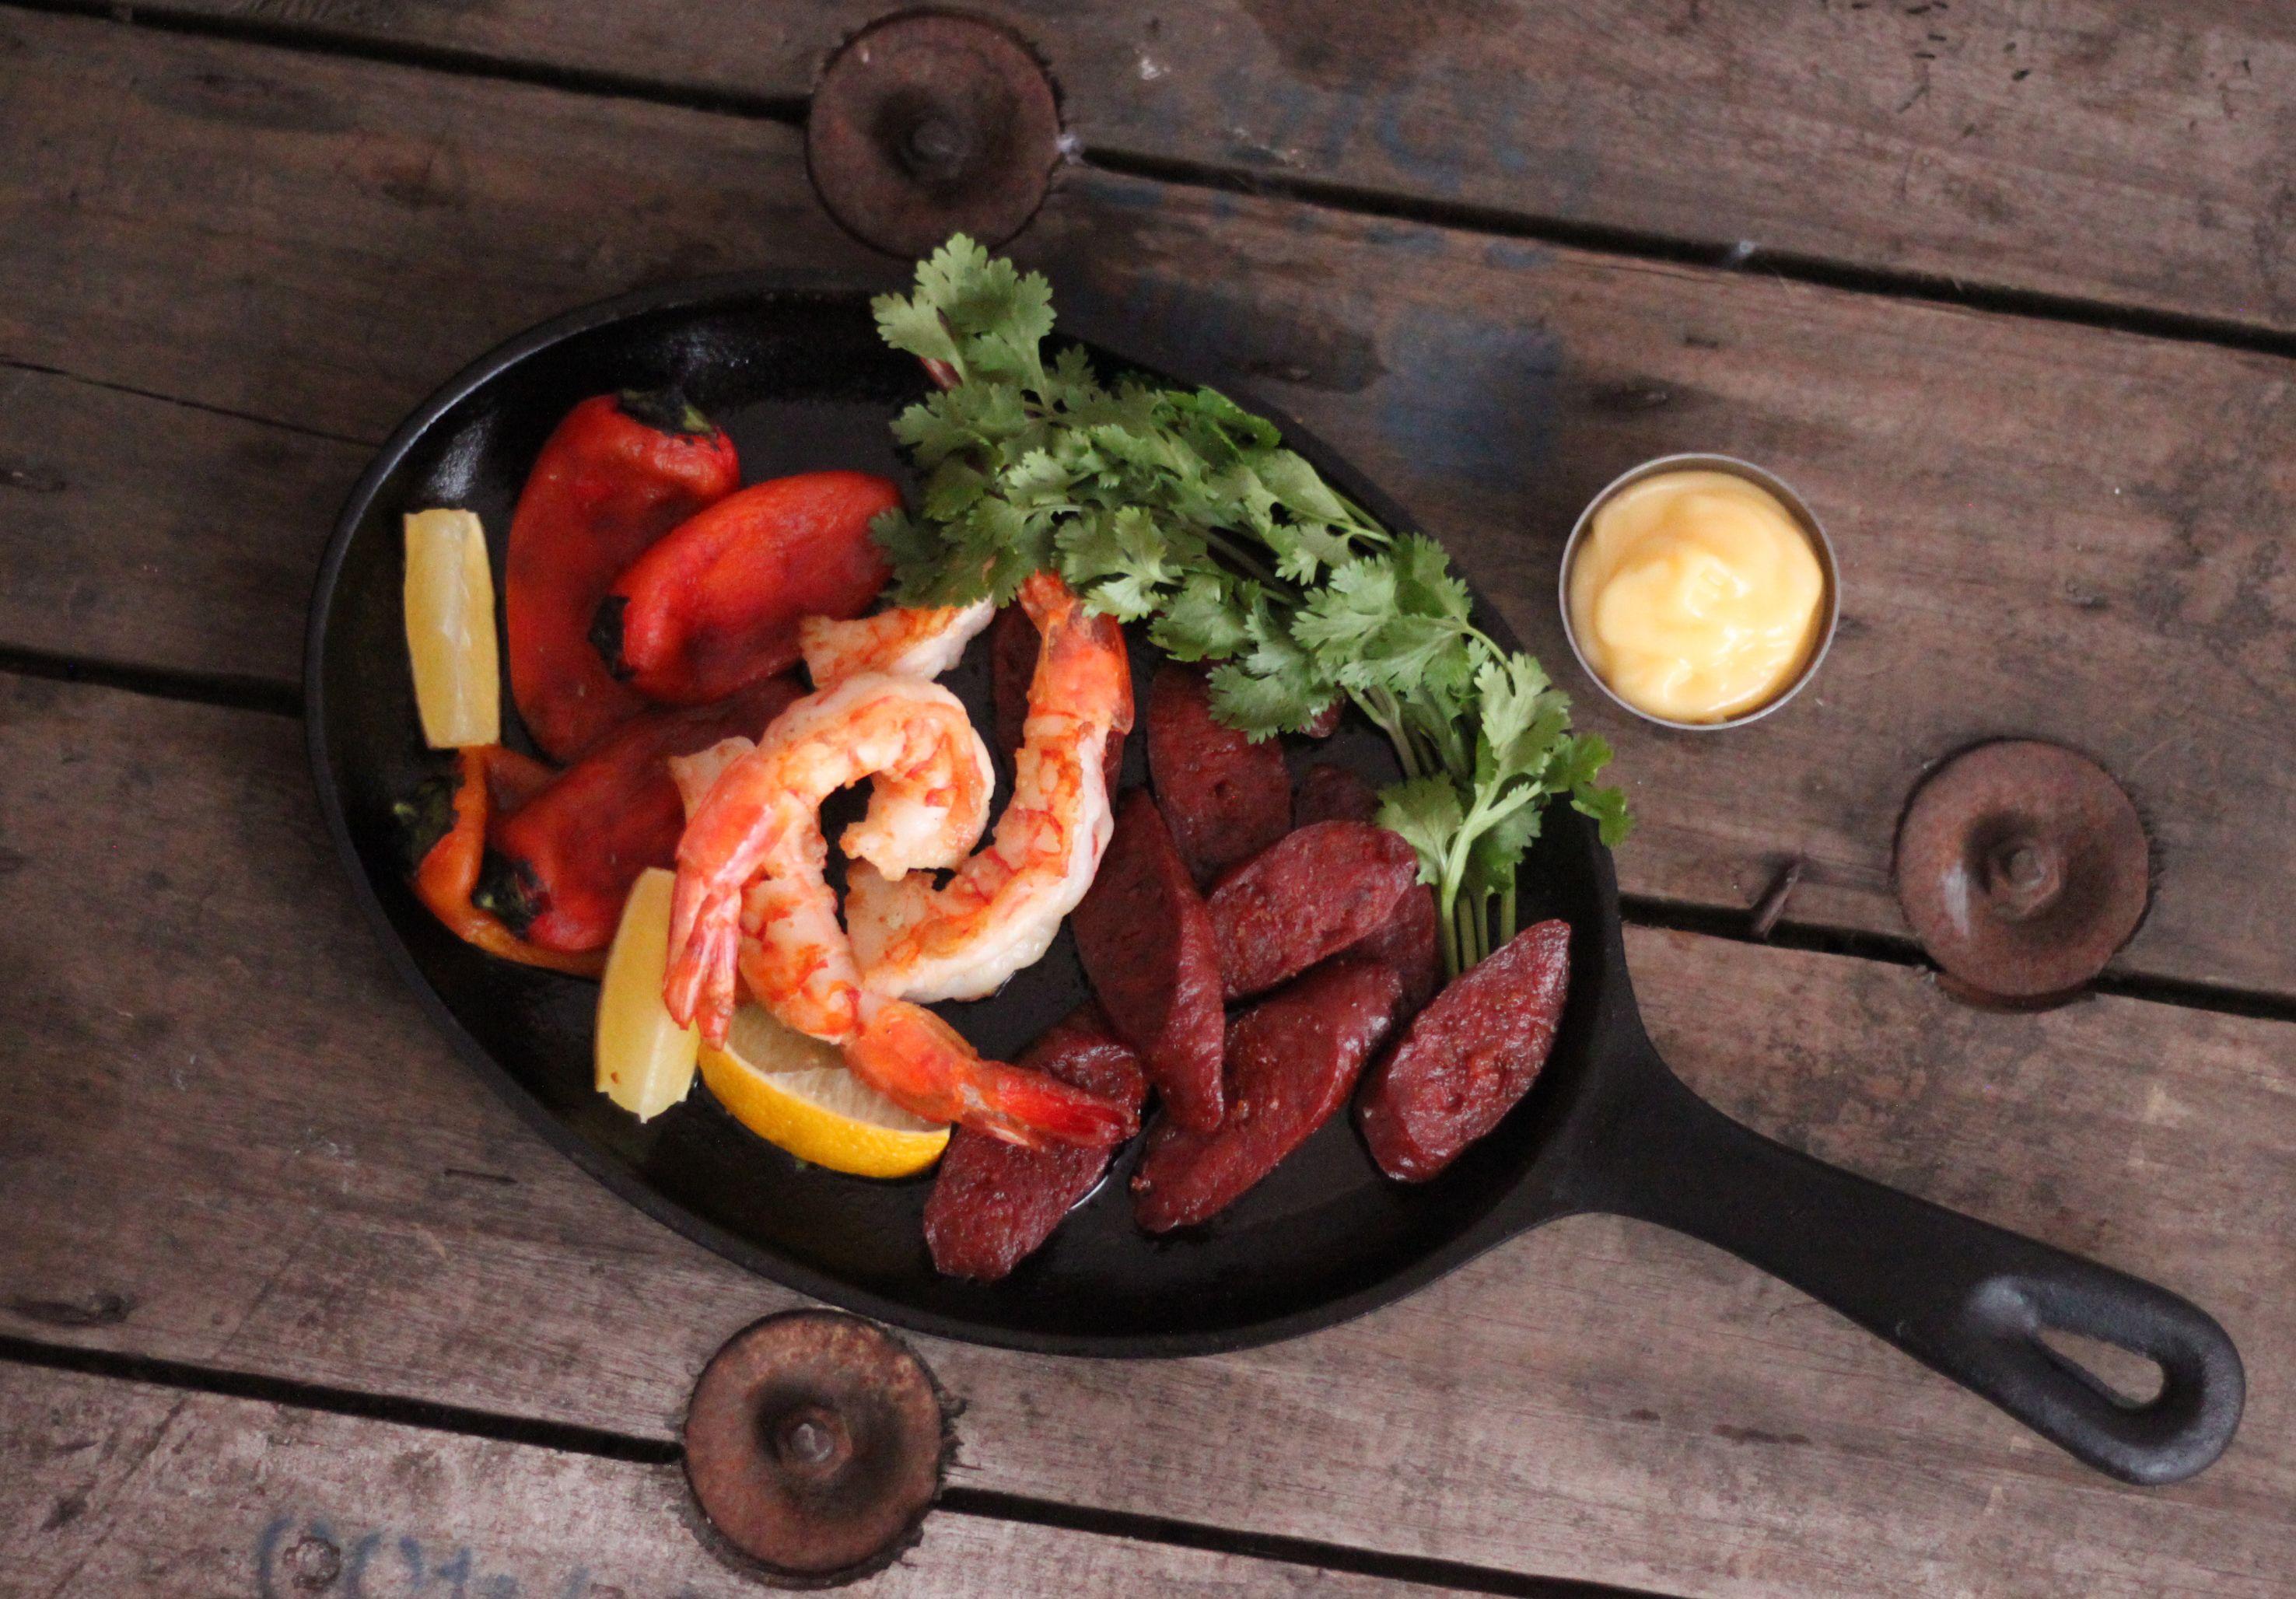 Salteado de camarões, chouriço espanhol e mini pimentões defumados. Uma combinação perfeita entre picância, doçura e notas de amargor típicas dos tostados.